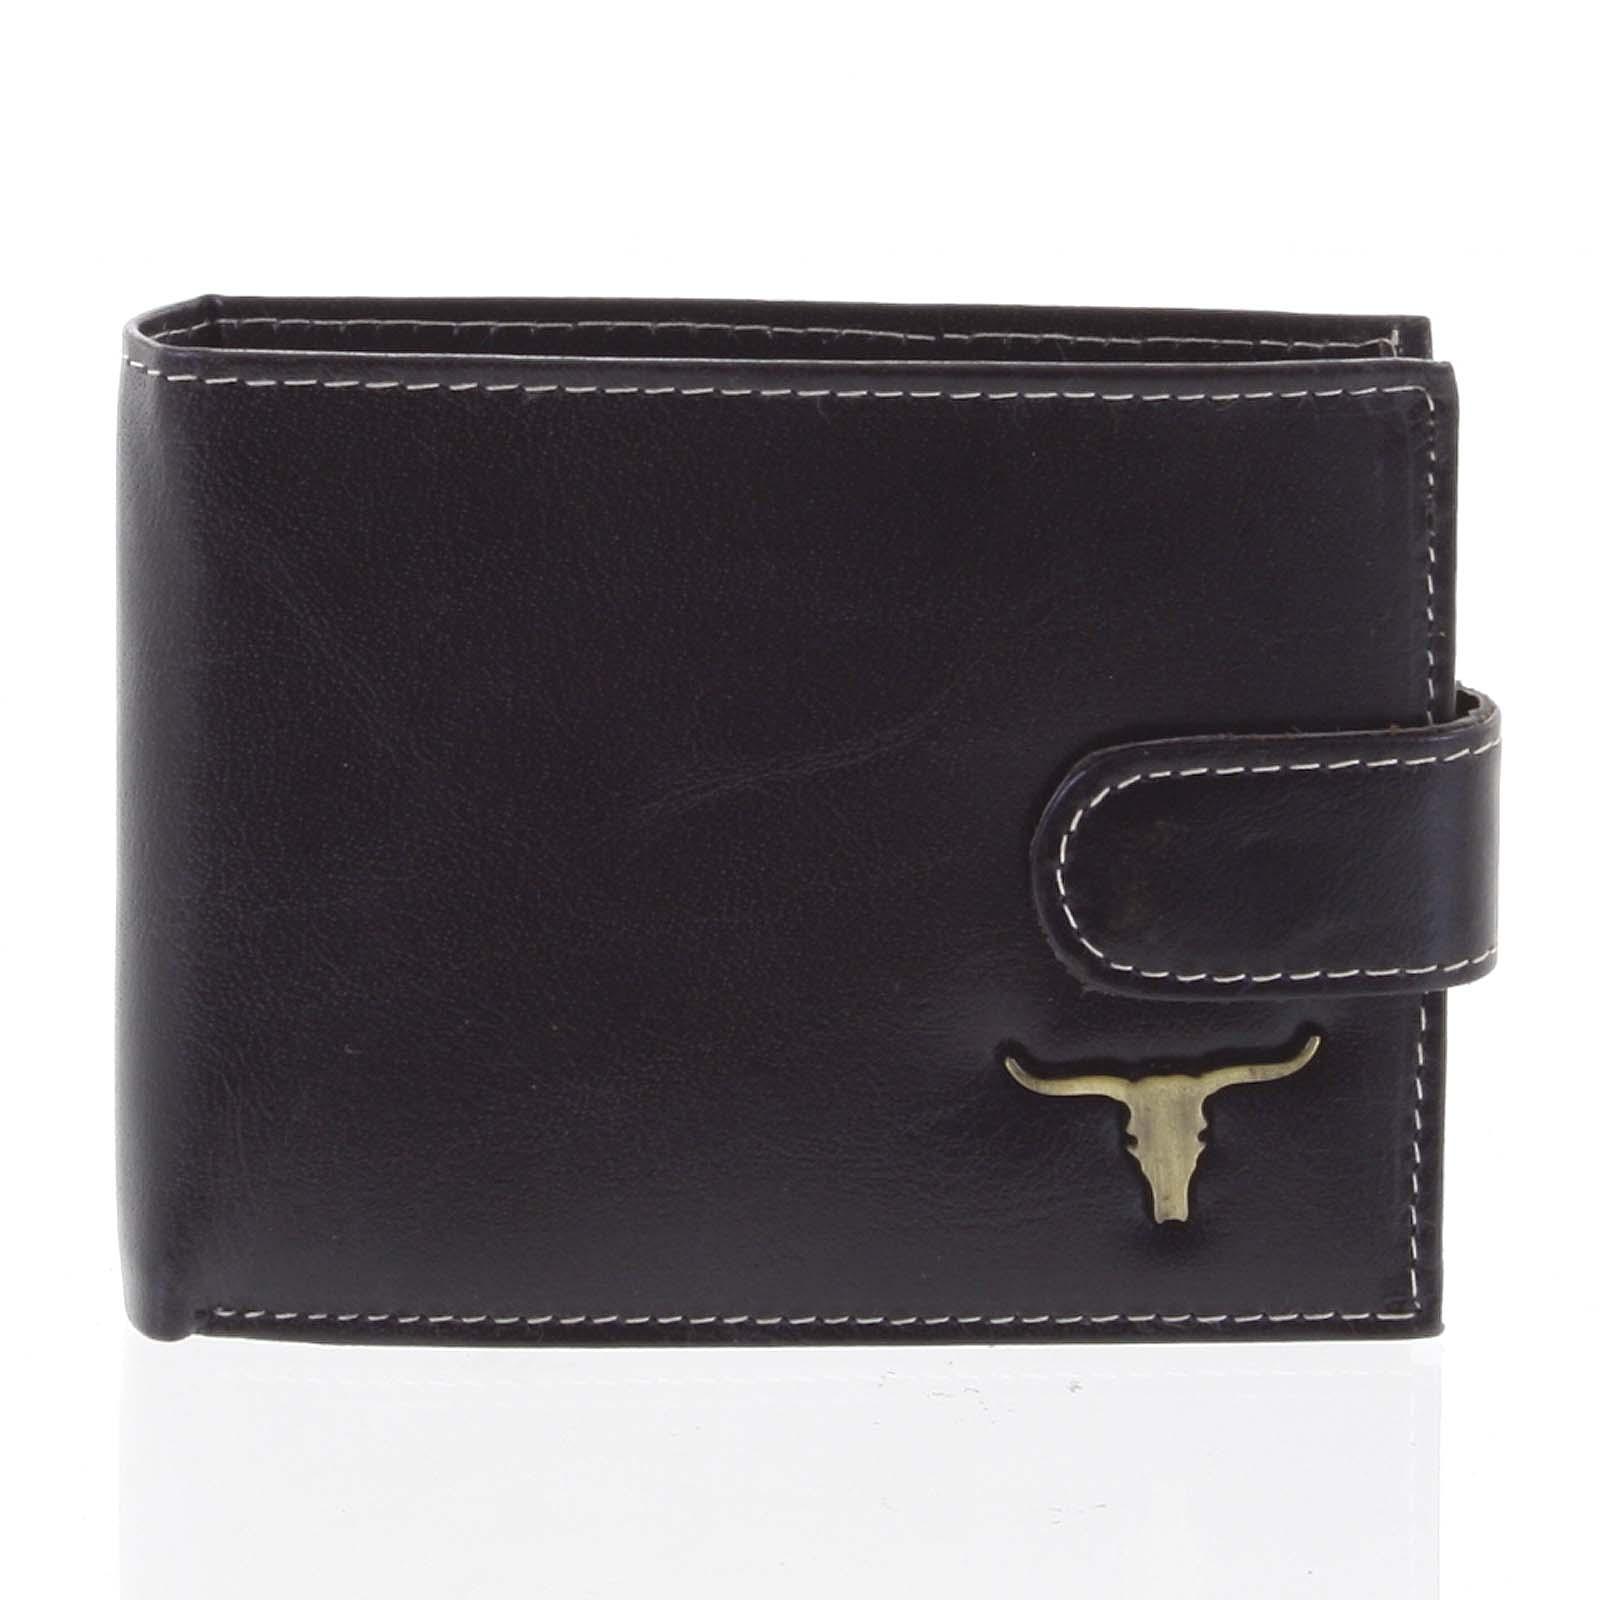 Najpredávanejšie pánska kožená peňaženka čierna - BUFFALO Stephen čierna